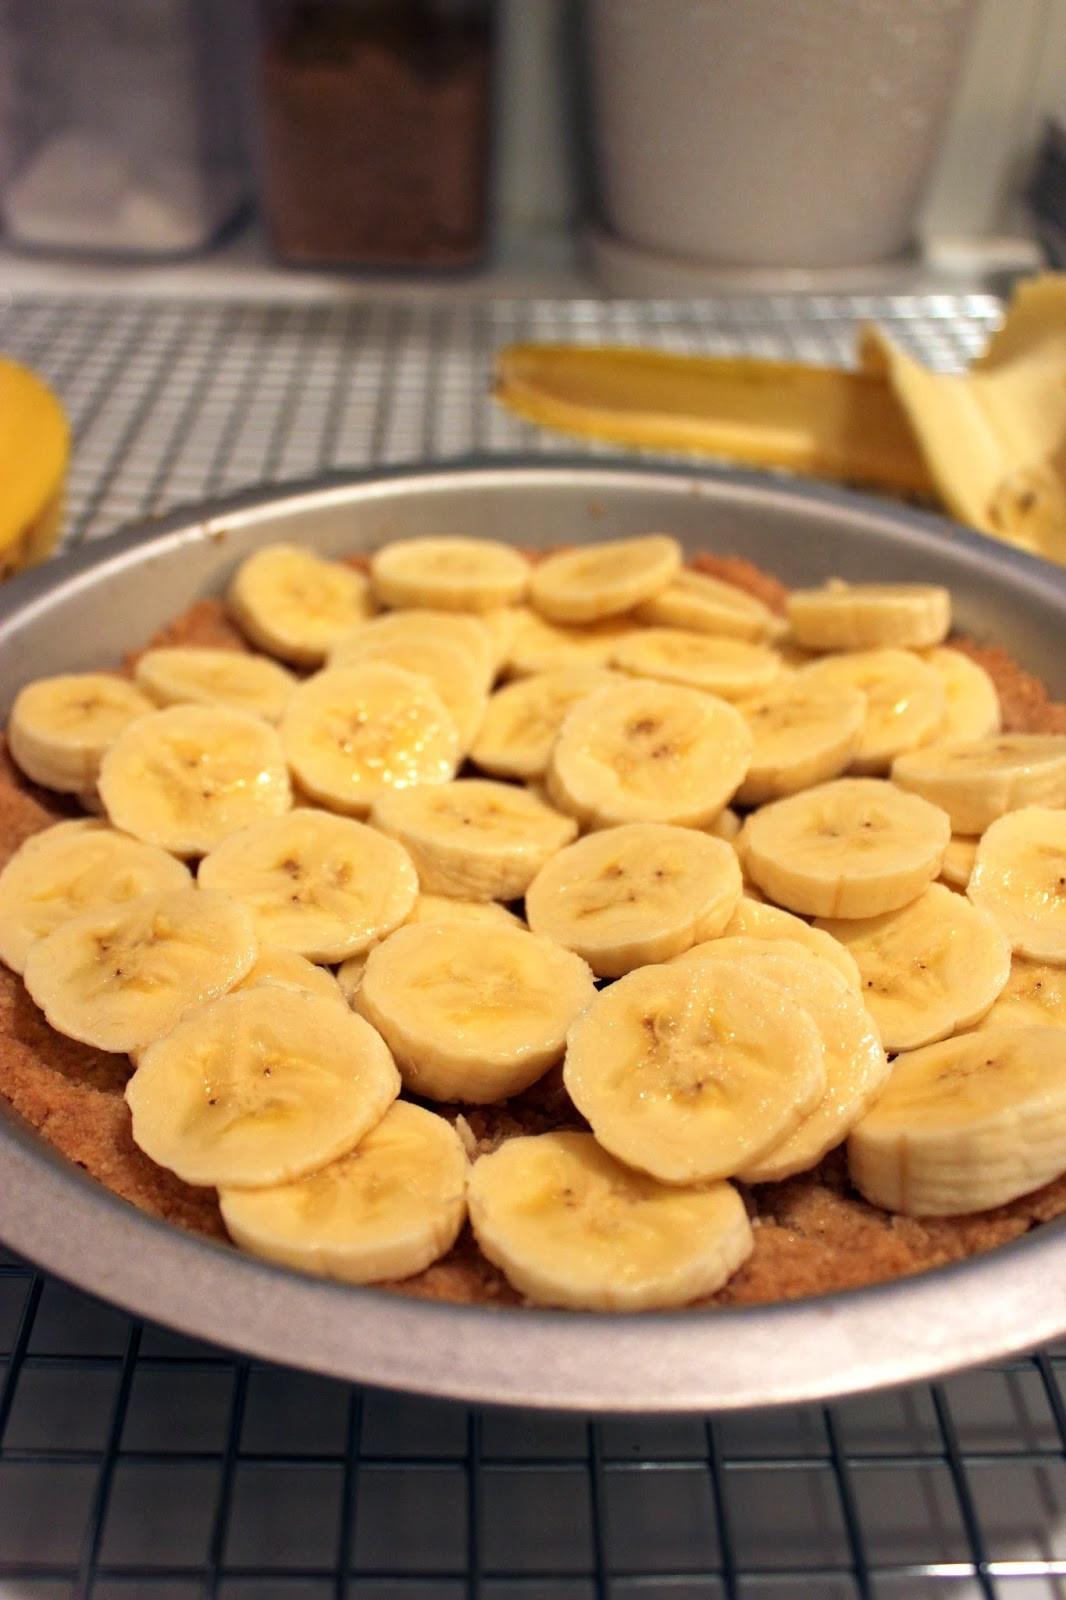 Dairy Free Banana Cream Pie  Swavory Stuff banana cream pie gluten free & dairy free